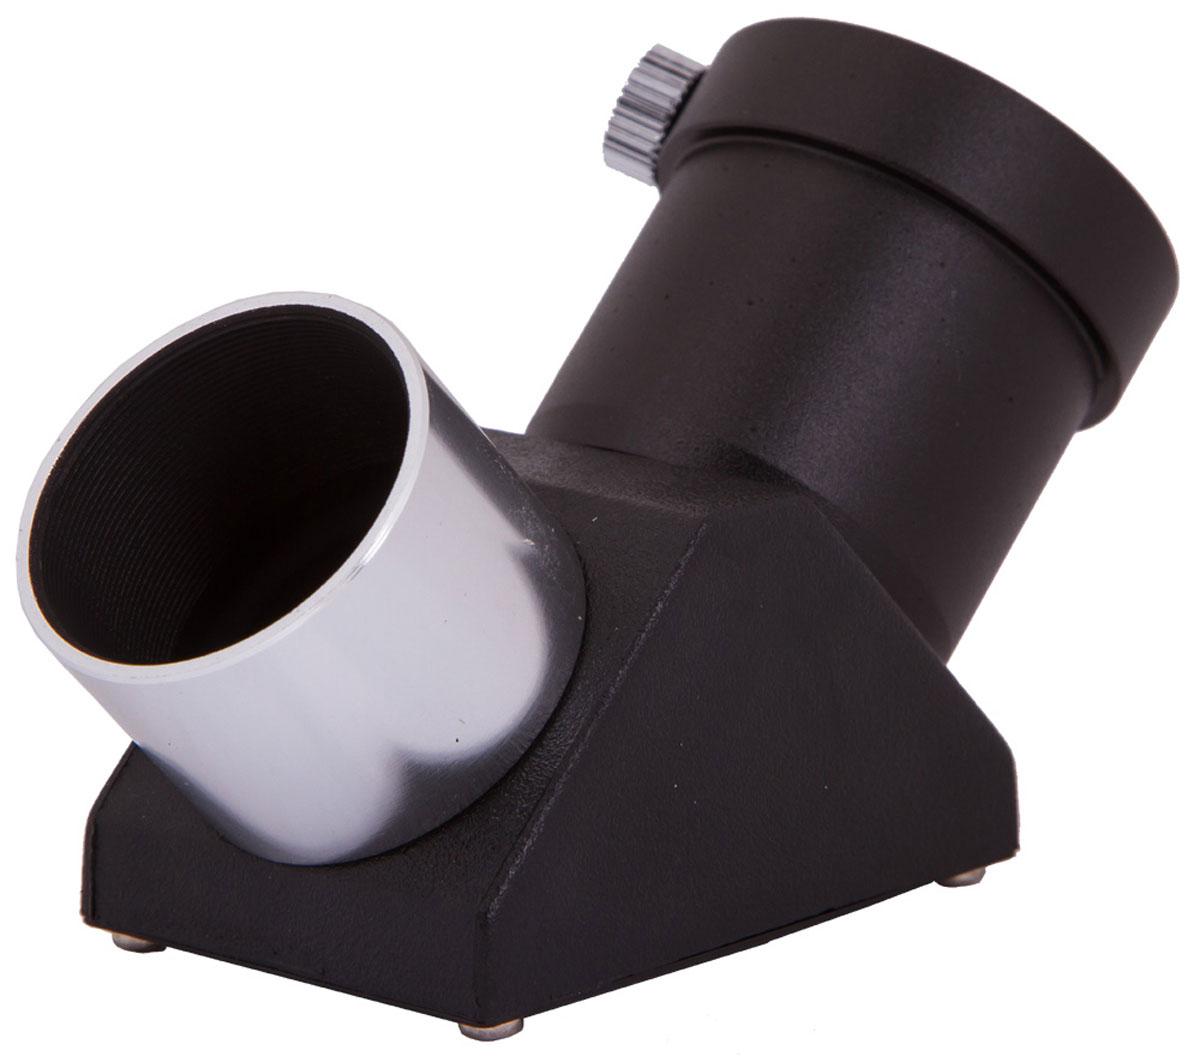 Sky-Watcher 69334 призма оборачивающая 90° 1,2569334Оборачивающая призма Sky-Watcher 69334 пригодится владельцам линзовых и зеркально-линзовых телескопов. Этот аксессуар за счет внутренних отражений формирует неперевернутое и не зеркальное изображение в окуляре – это особенно ценно при ландшафтных наблюдениях. Кроме того, призма отклоняет световой поток на 90° – смотреть на объекты, которые находятся высоко над горизонтом, будет удобнее. Оборачивающая призма имеет стандартный посадочный диаметр – 1,25. Призма вставляется в фокусировочный узел, после чего в нее устанавливается окуляр. На оптические поверхности нанесено полное покрытие, повышающее резкость и контрастность картинки.